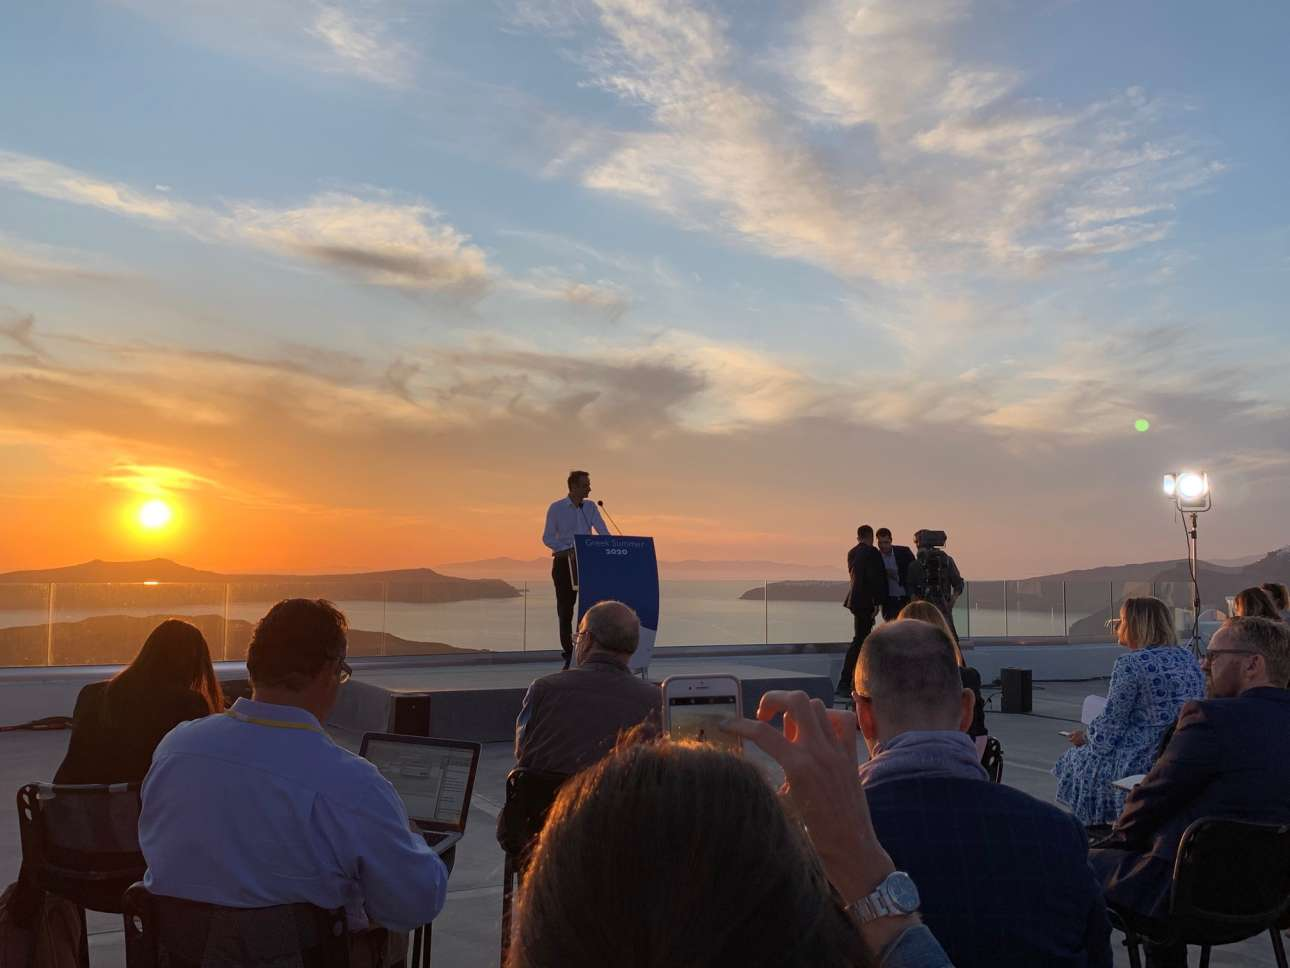 Ο Κυριάκος Μητσοτάκης μιλά σε εκπροσώπους των διεθνών ΜΜΕ με φόντο το υπέροχο δειλινό της Σαντορίνης